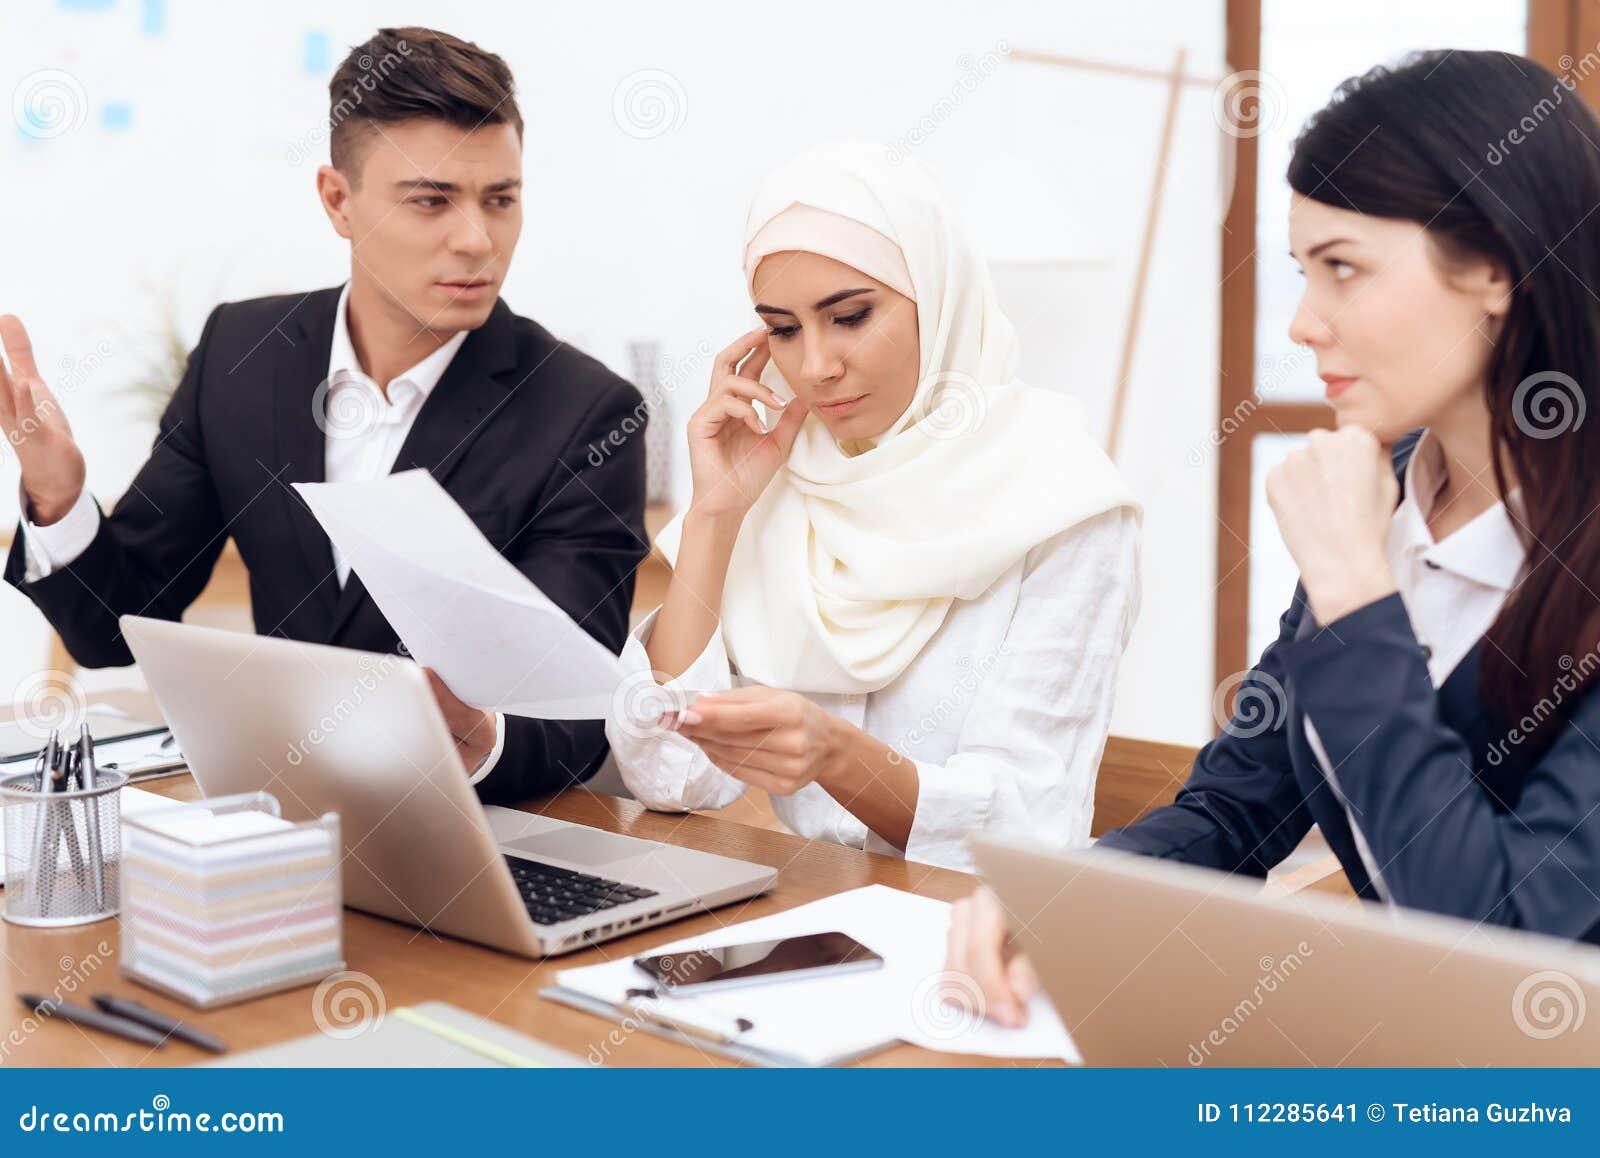 Un uomo ha le pretese ad una donna che indossa un hijab